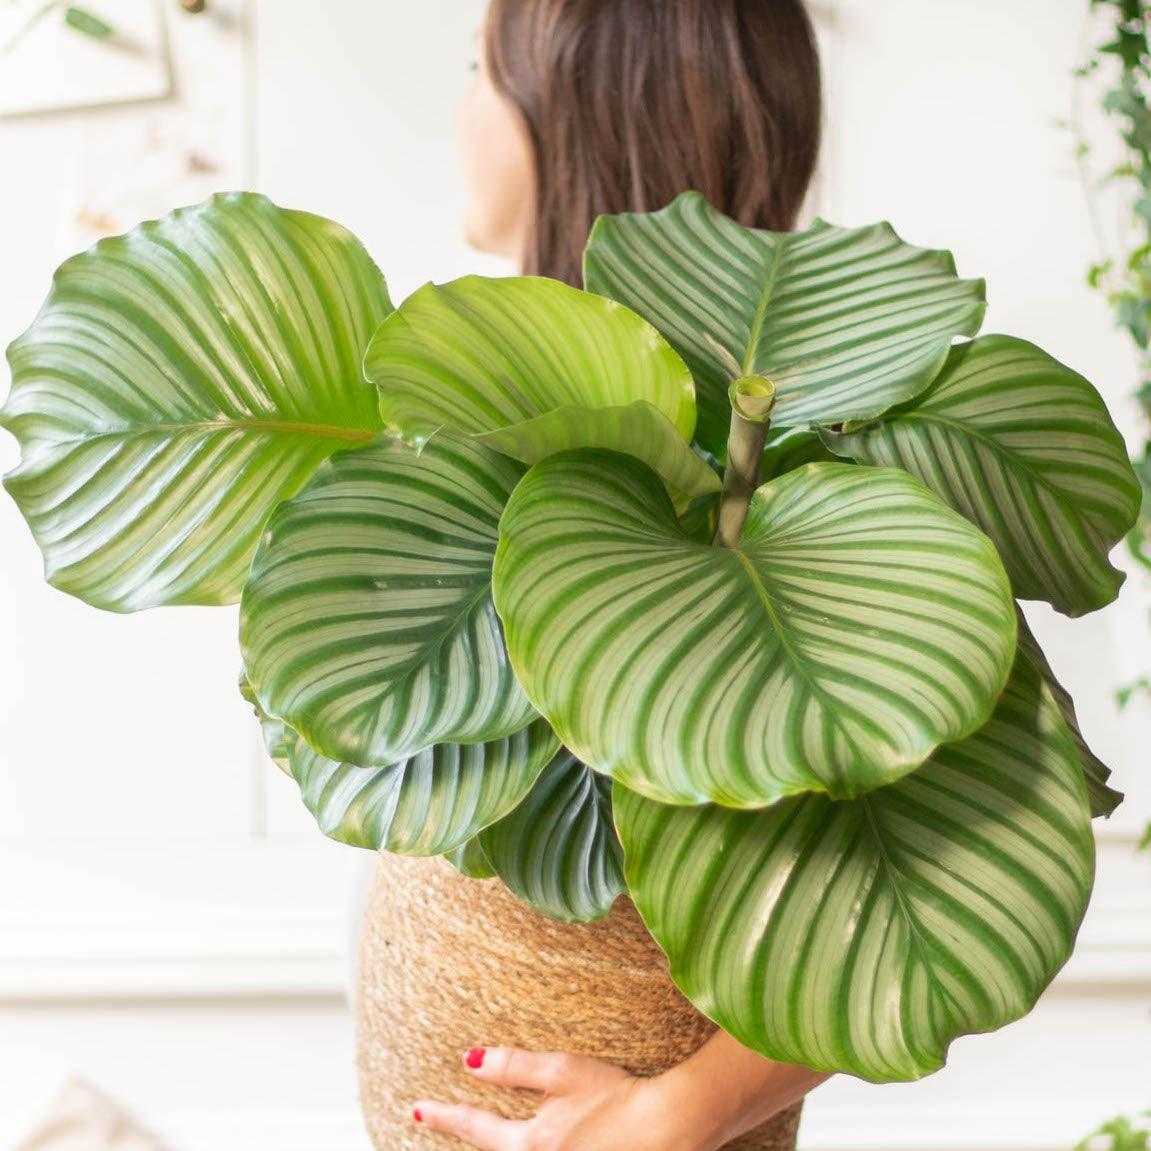 Grand calathéa pot plante verte décoration d'intérieur